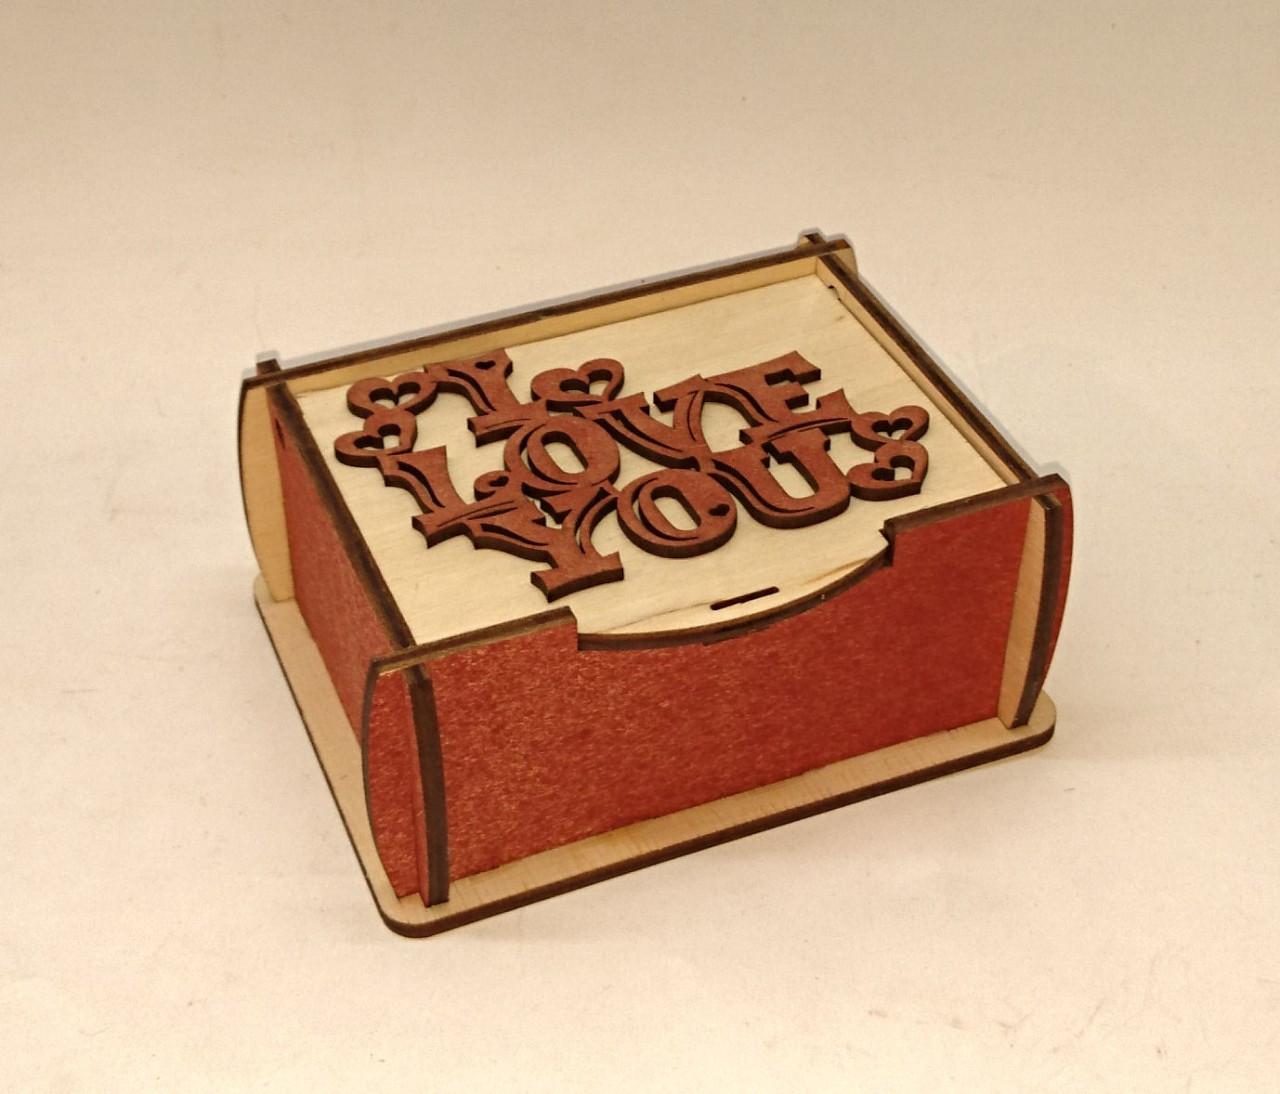 Шкатулка прямоугольная с надписью I LOVE YOU